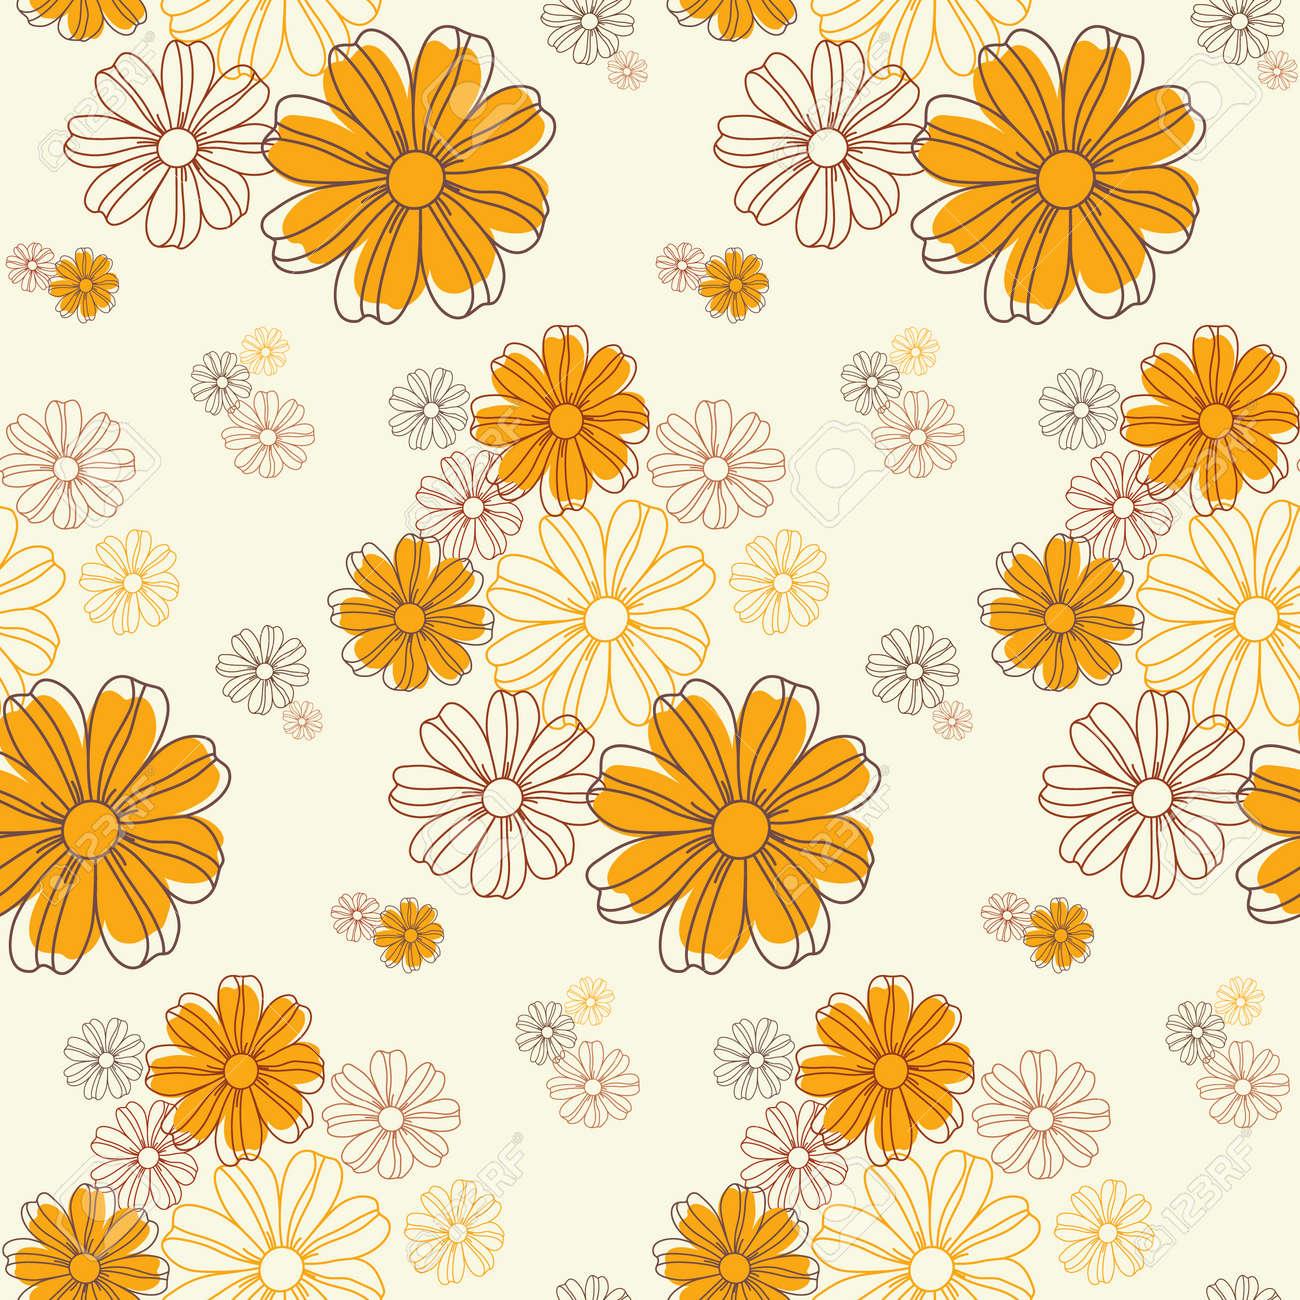 シームレスな花のパターンをかわいい花柄のテクスチャベクトル